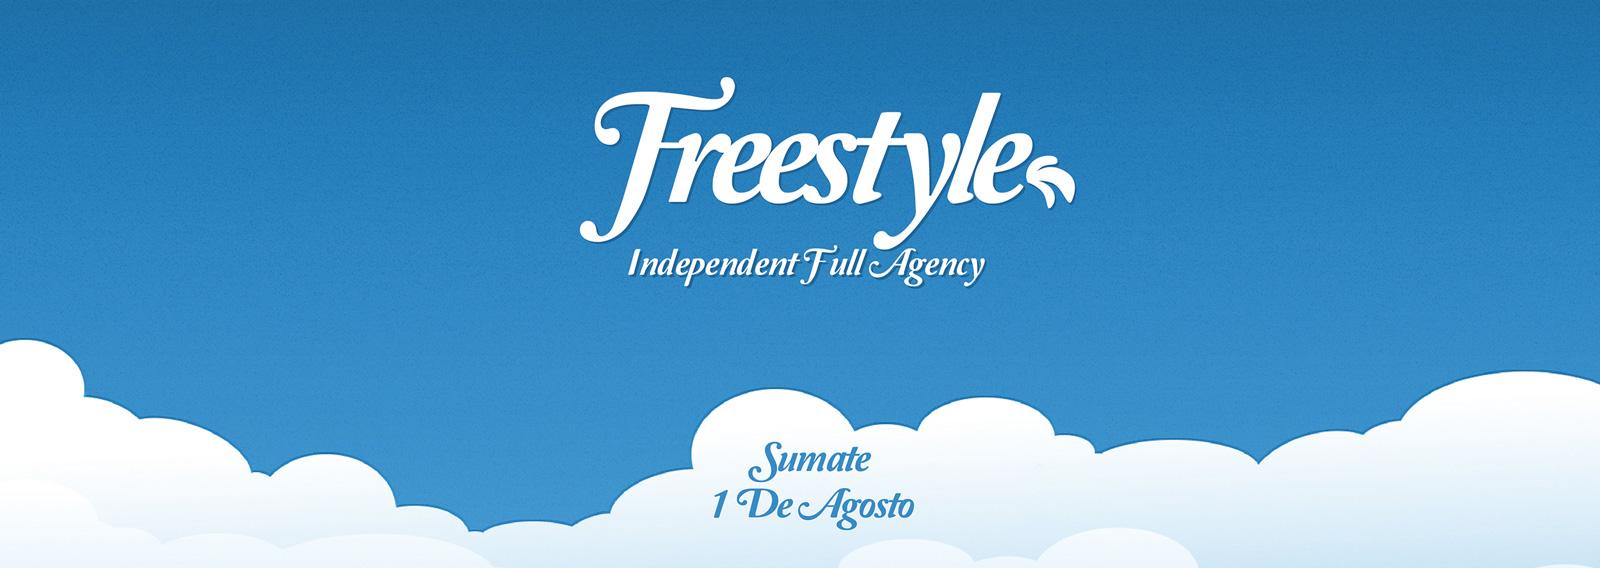 Freestyle-sumate-01